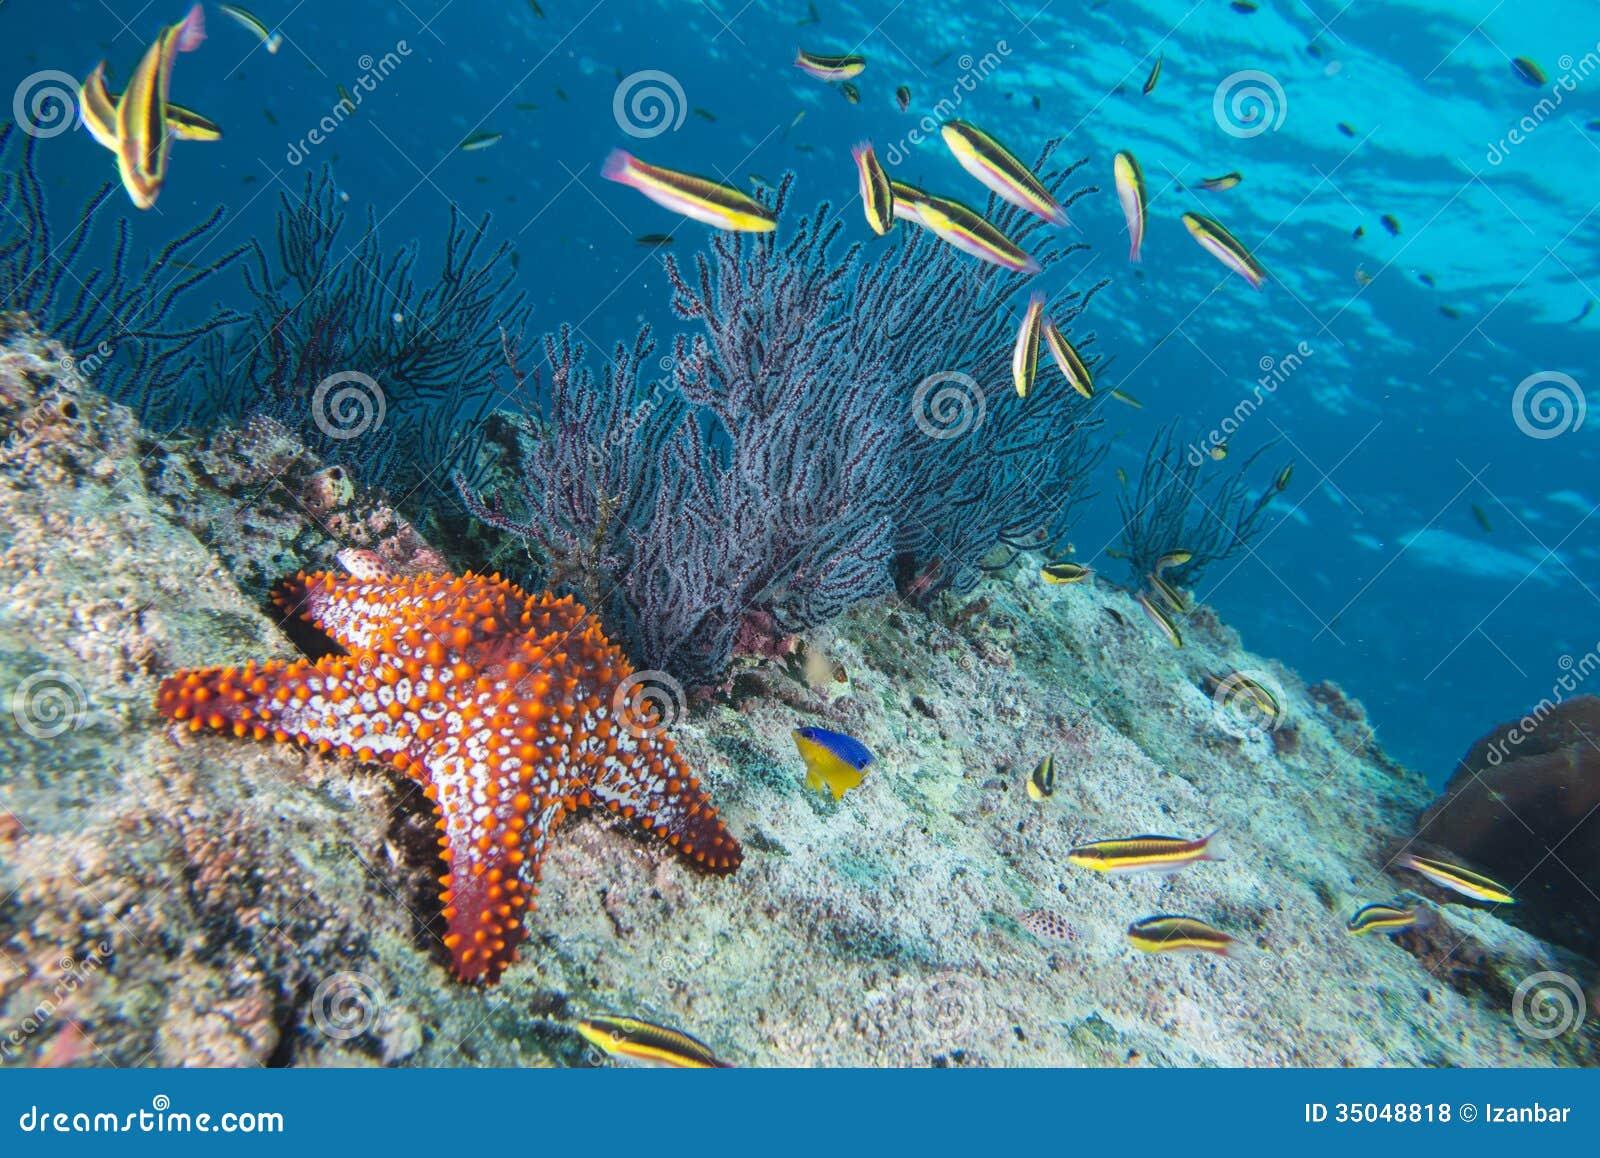 Stelle di mare in un paesaggio subacqueo variopinto della for Disegni di paesaggi di mare